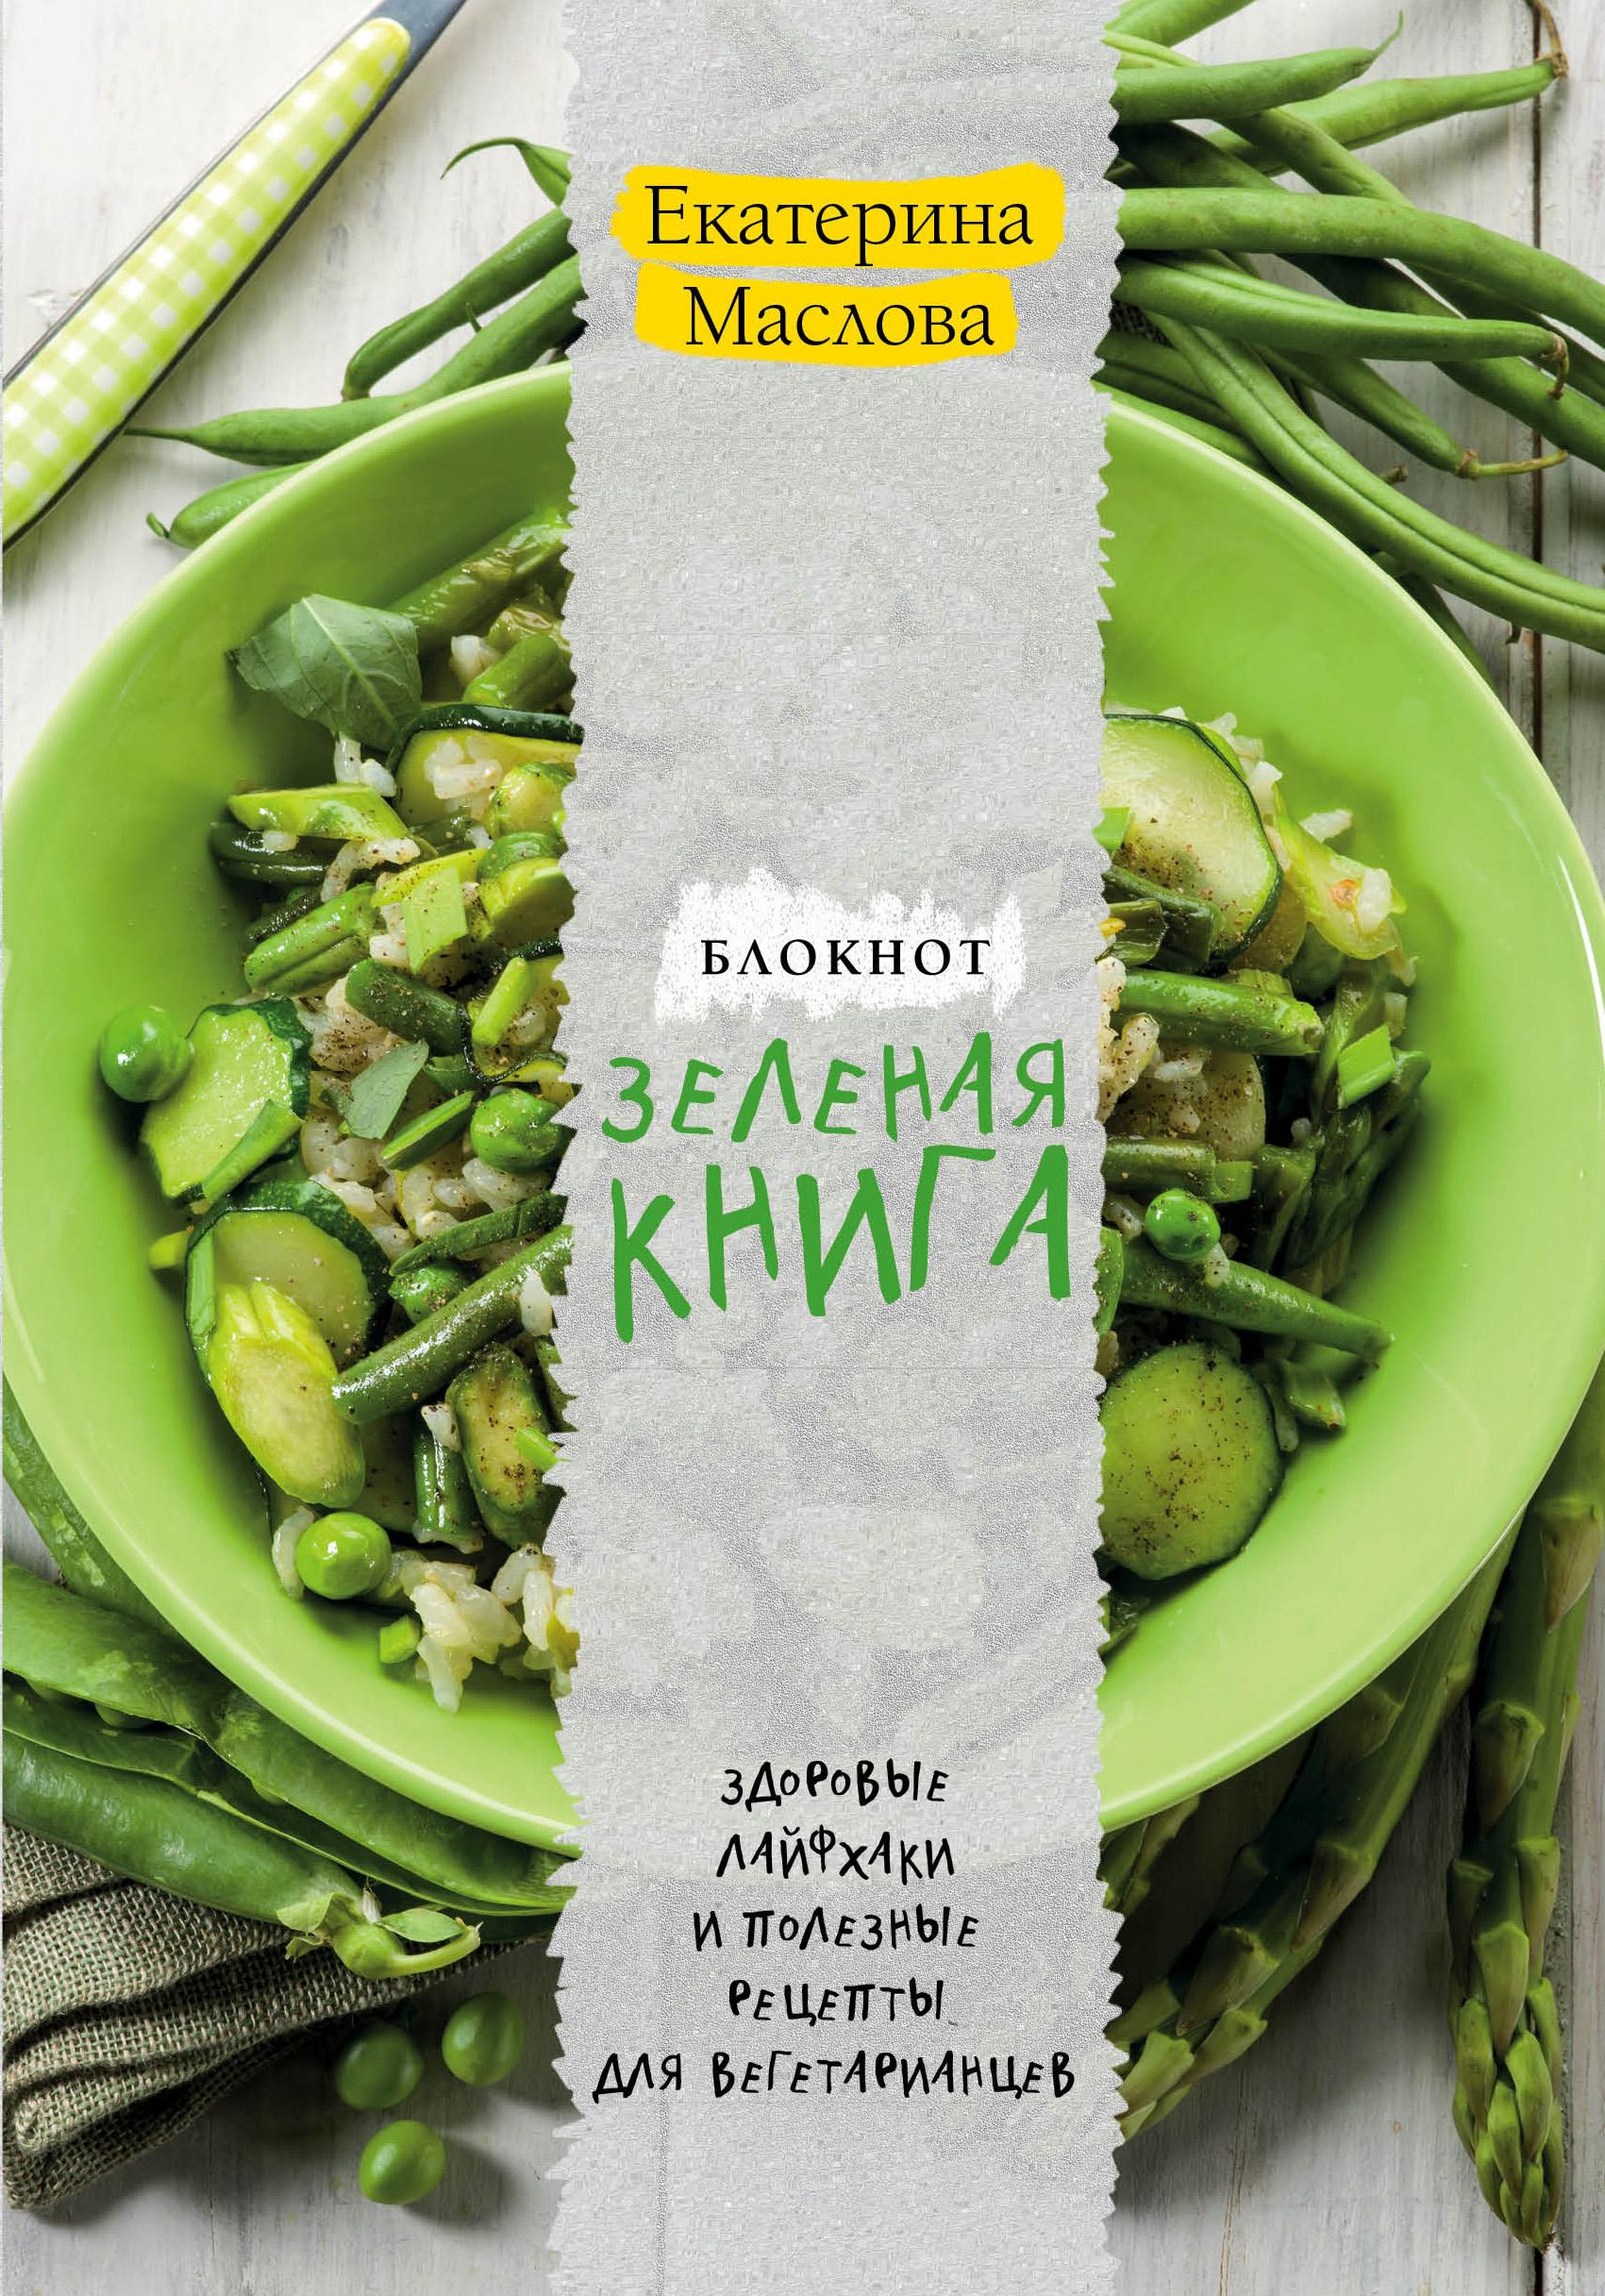 Блокнот для записи рецептов. Зеленая книга. Здоровые лайфхаки и полезные рецепты для вегетарианцев